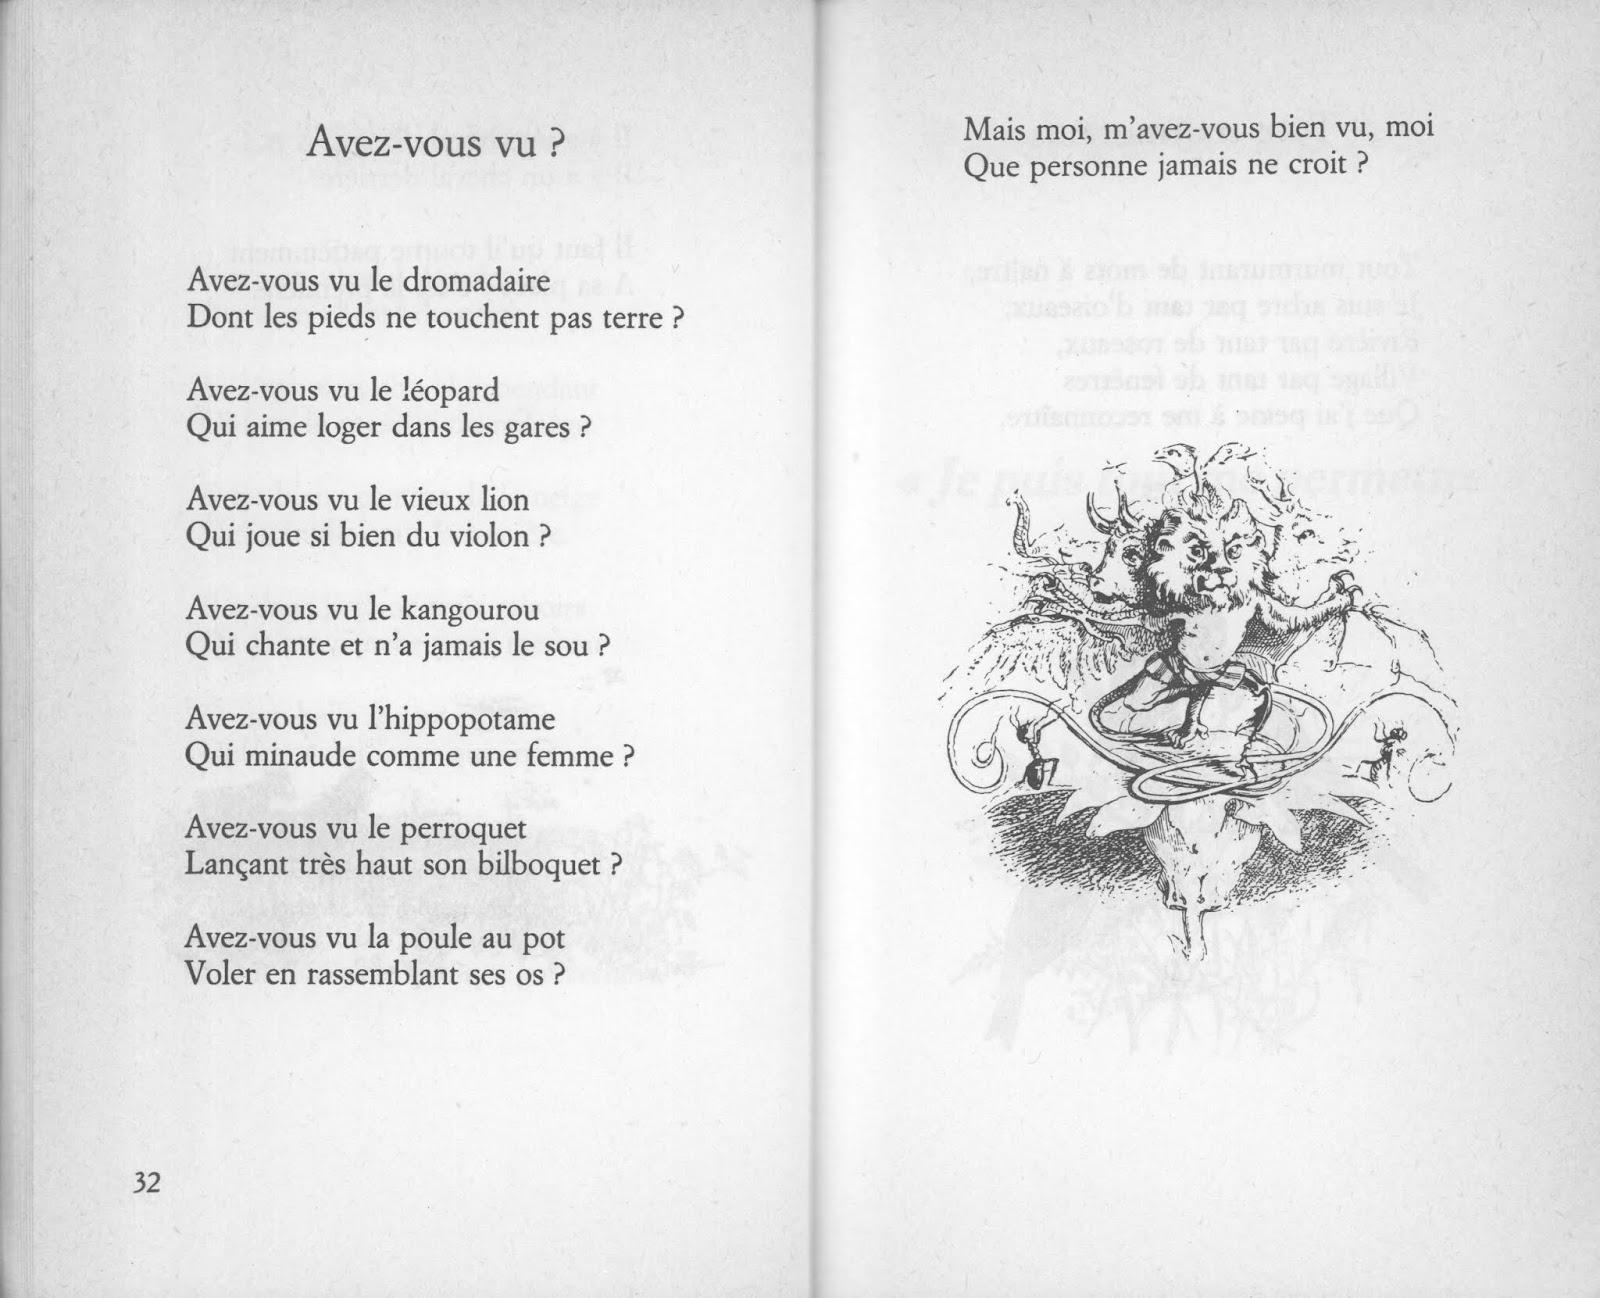 École : Références: Les Plus Beaux Poèmes De Maurice encequiconcerne Poeme Maurice Careme